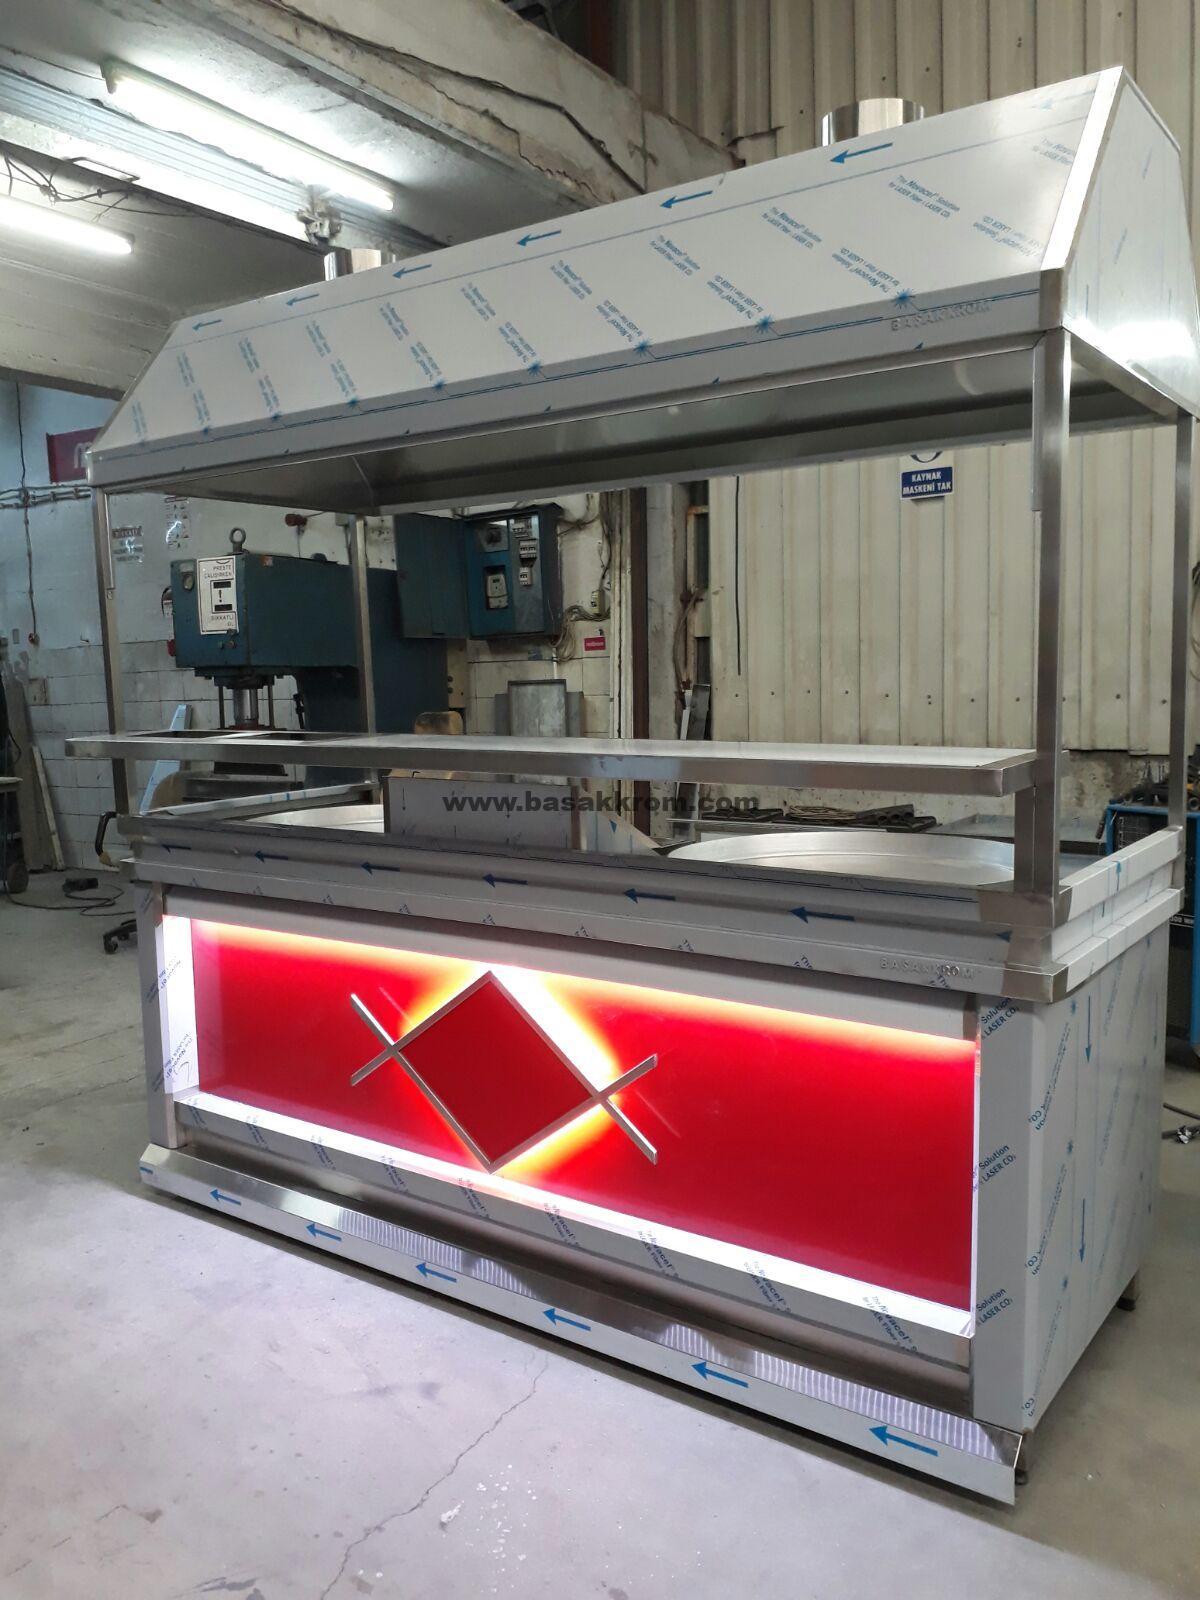 CE Belgeli dogalgazlı ankara tantuni tezgahı özel imalat  kırmızı renkli lede aydınlatmalı dekorlu